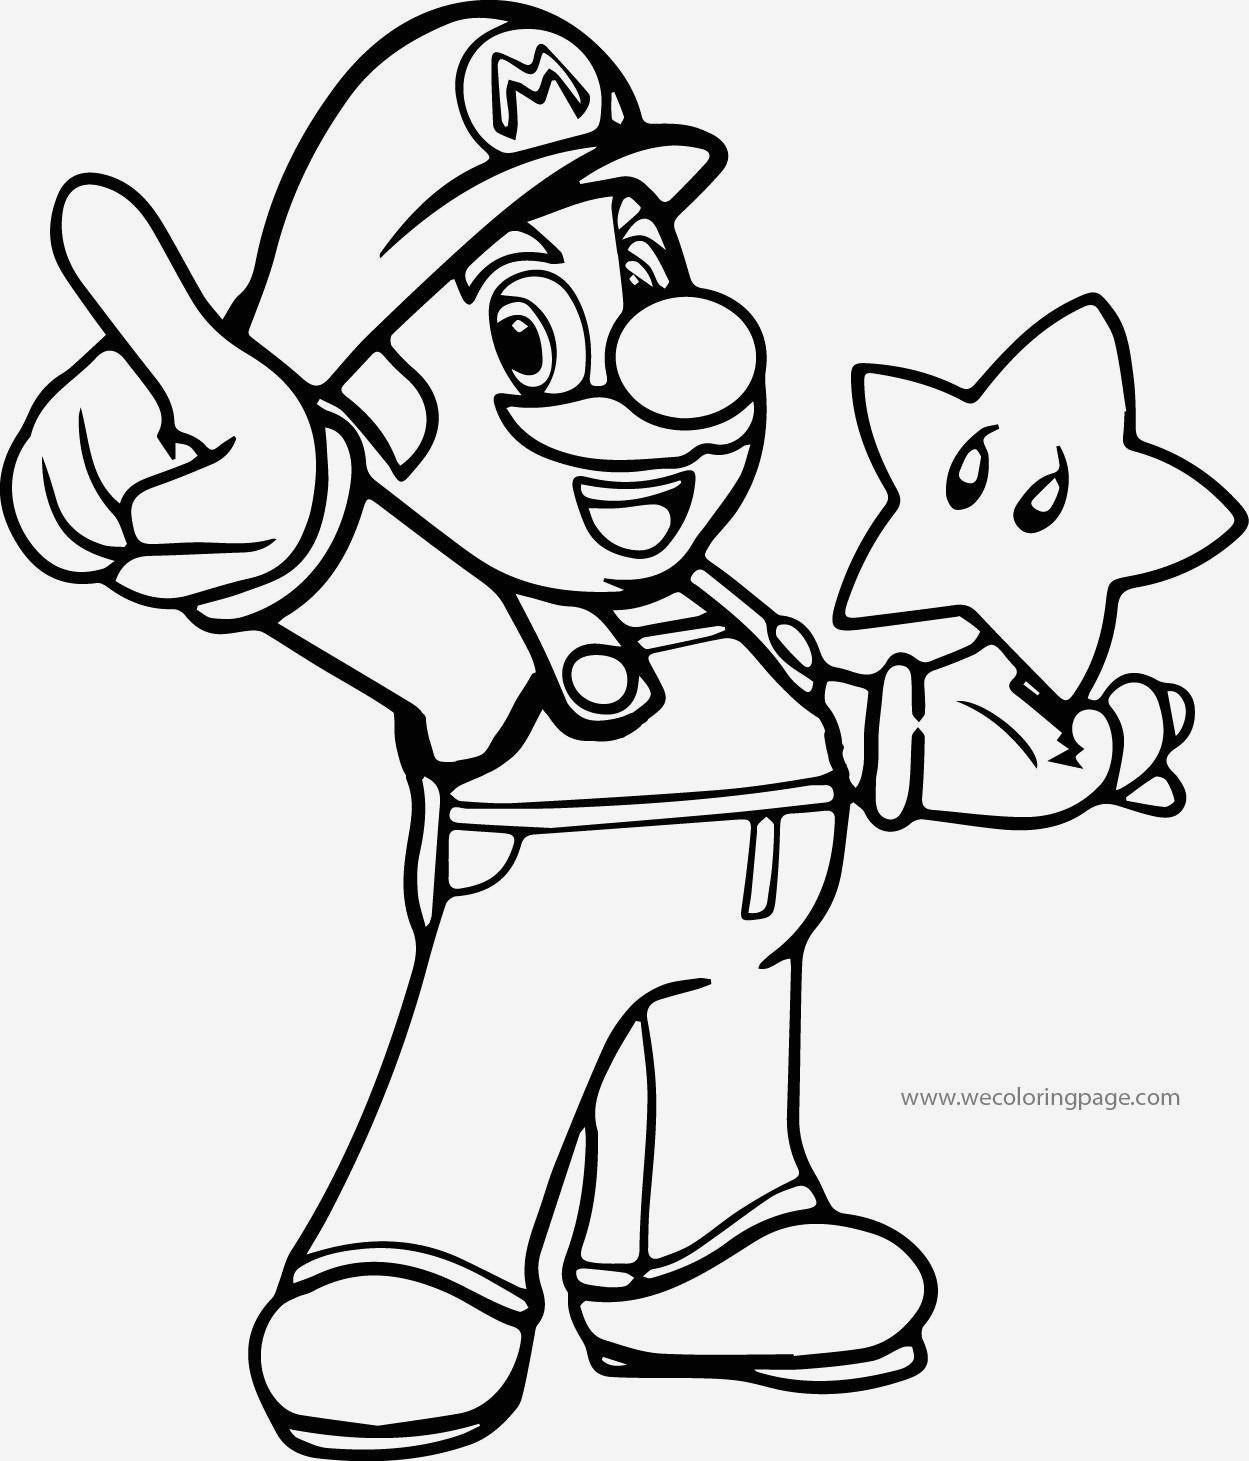 Malvorlage Super Mario Inspirierend Spannende Coloring Bilder Super Mario Malvorlagen Fotos